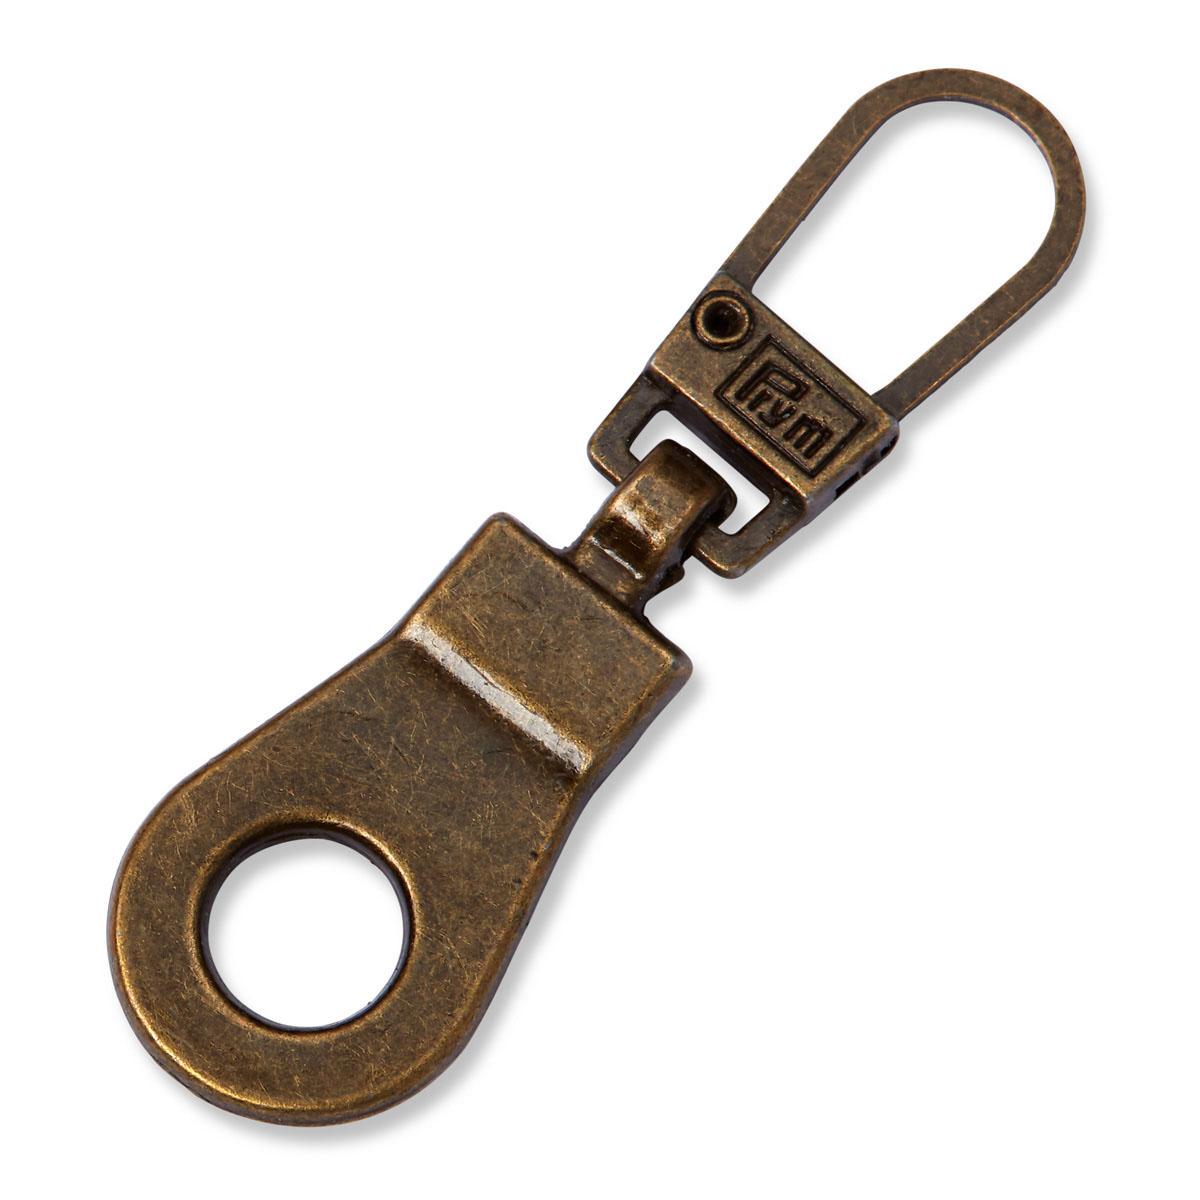 482411 Подвеска для молний, Люверс, металл, цв. состаренной латуни Prym